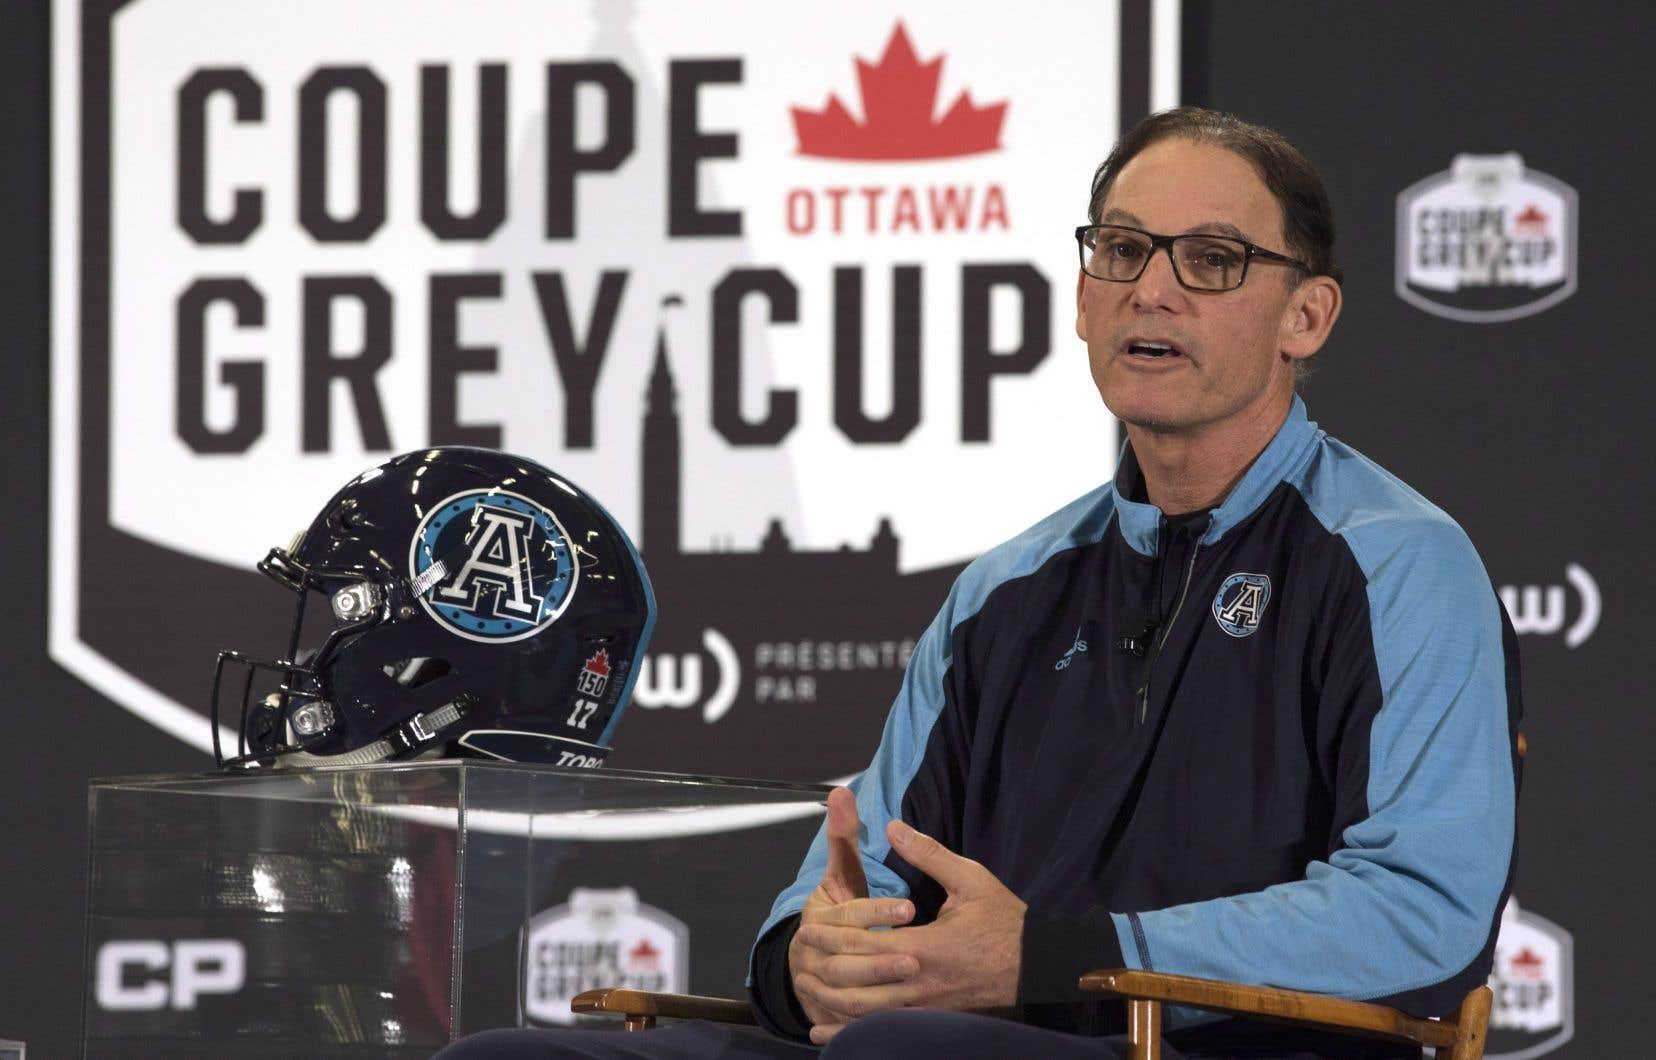 L'ancien entraîneur-chef des Alouettes de Montréal Marc Trestman, actuellement avec les Argonauts de Toronto, lors d'une conférence de presse à Ottawa, mercredi